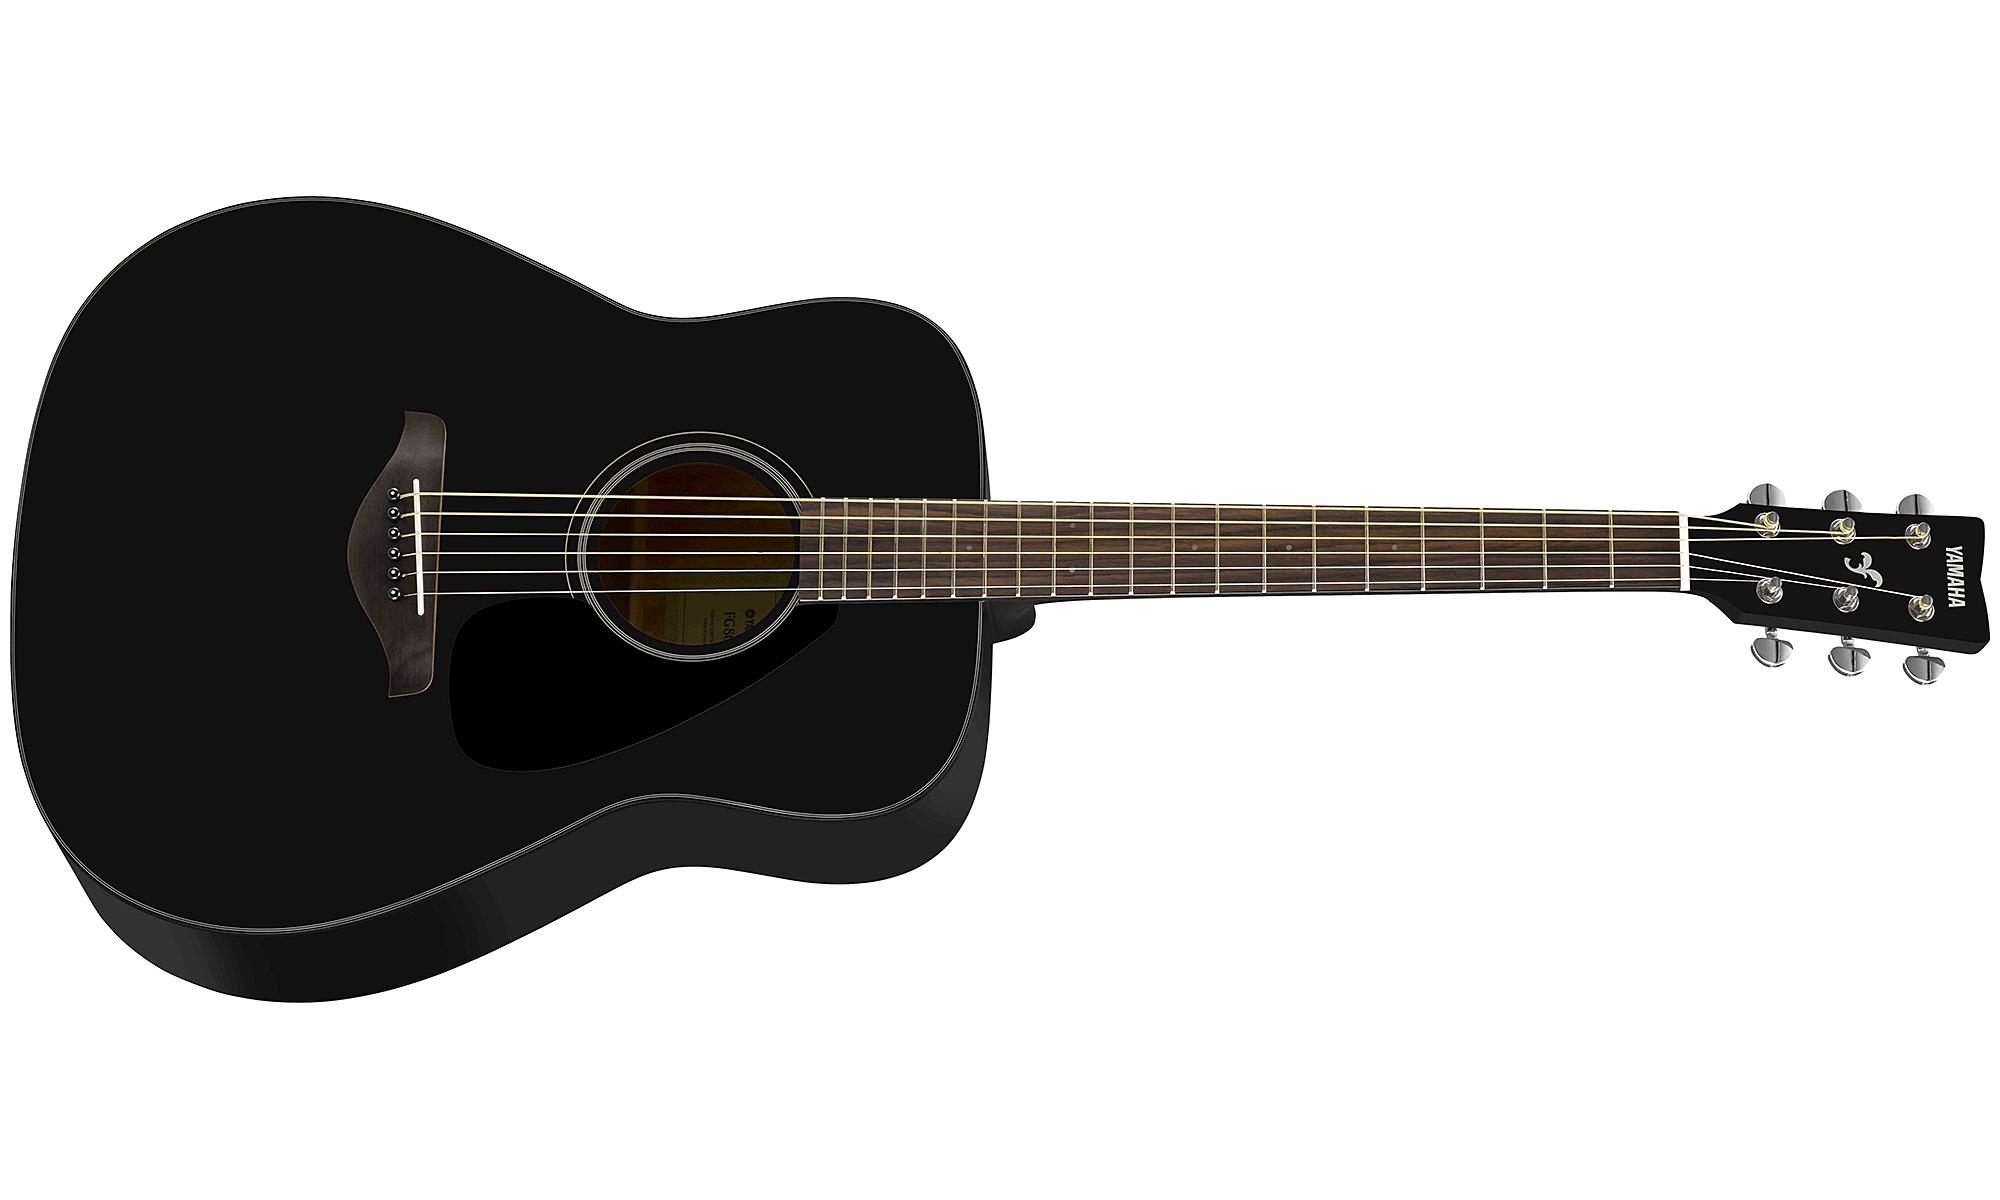 Guitare folk Yamaha FG800 BL - black gloss - Star's Music